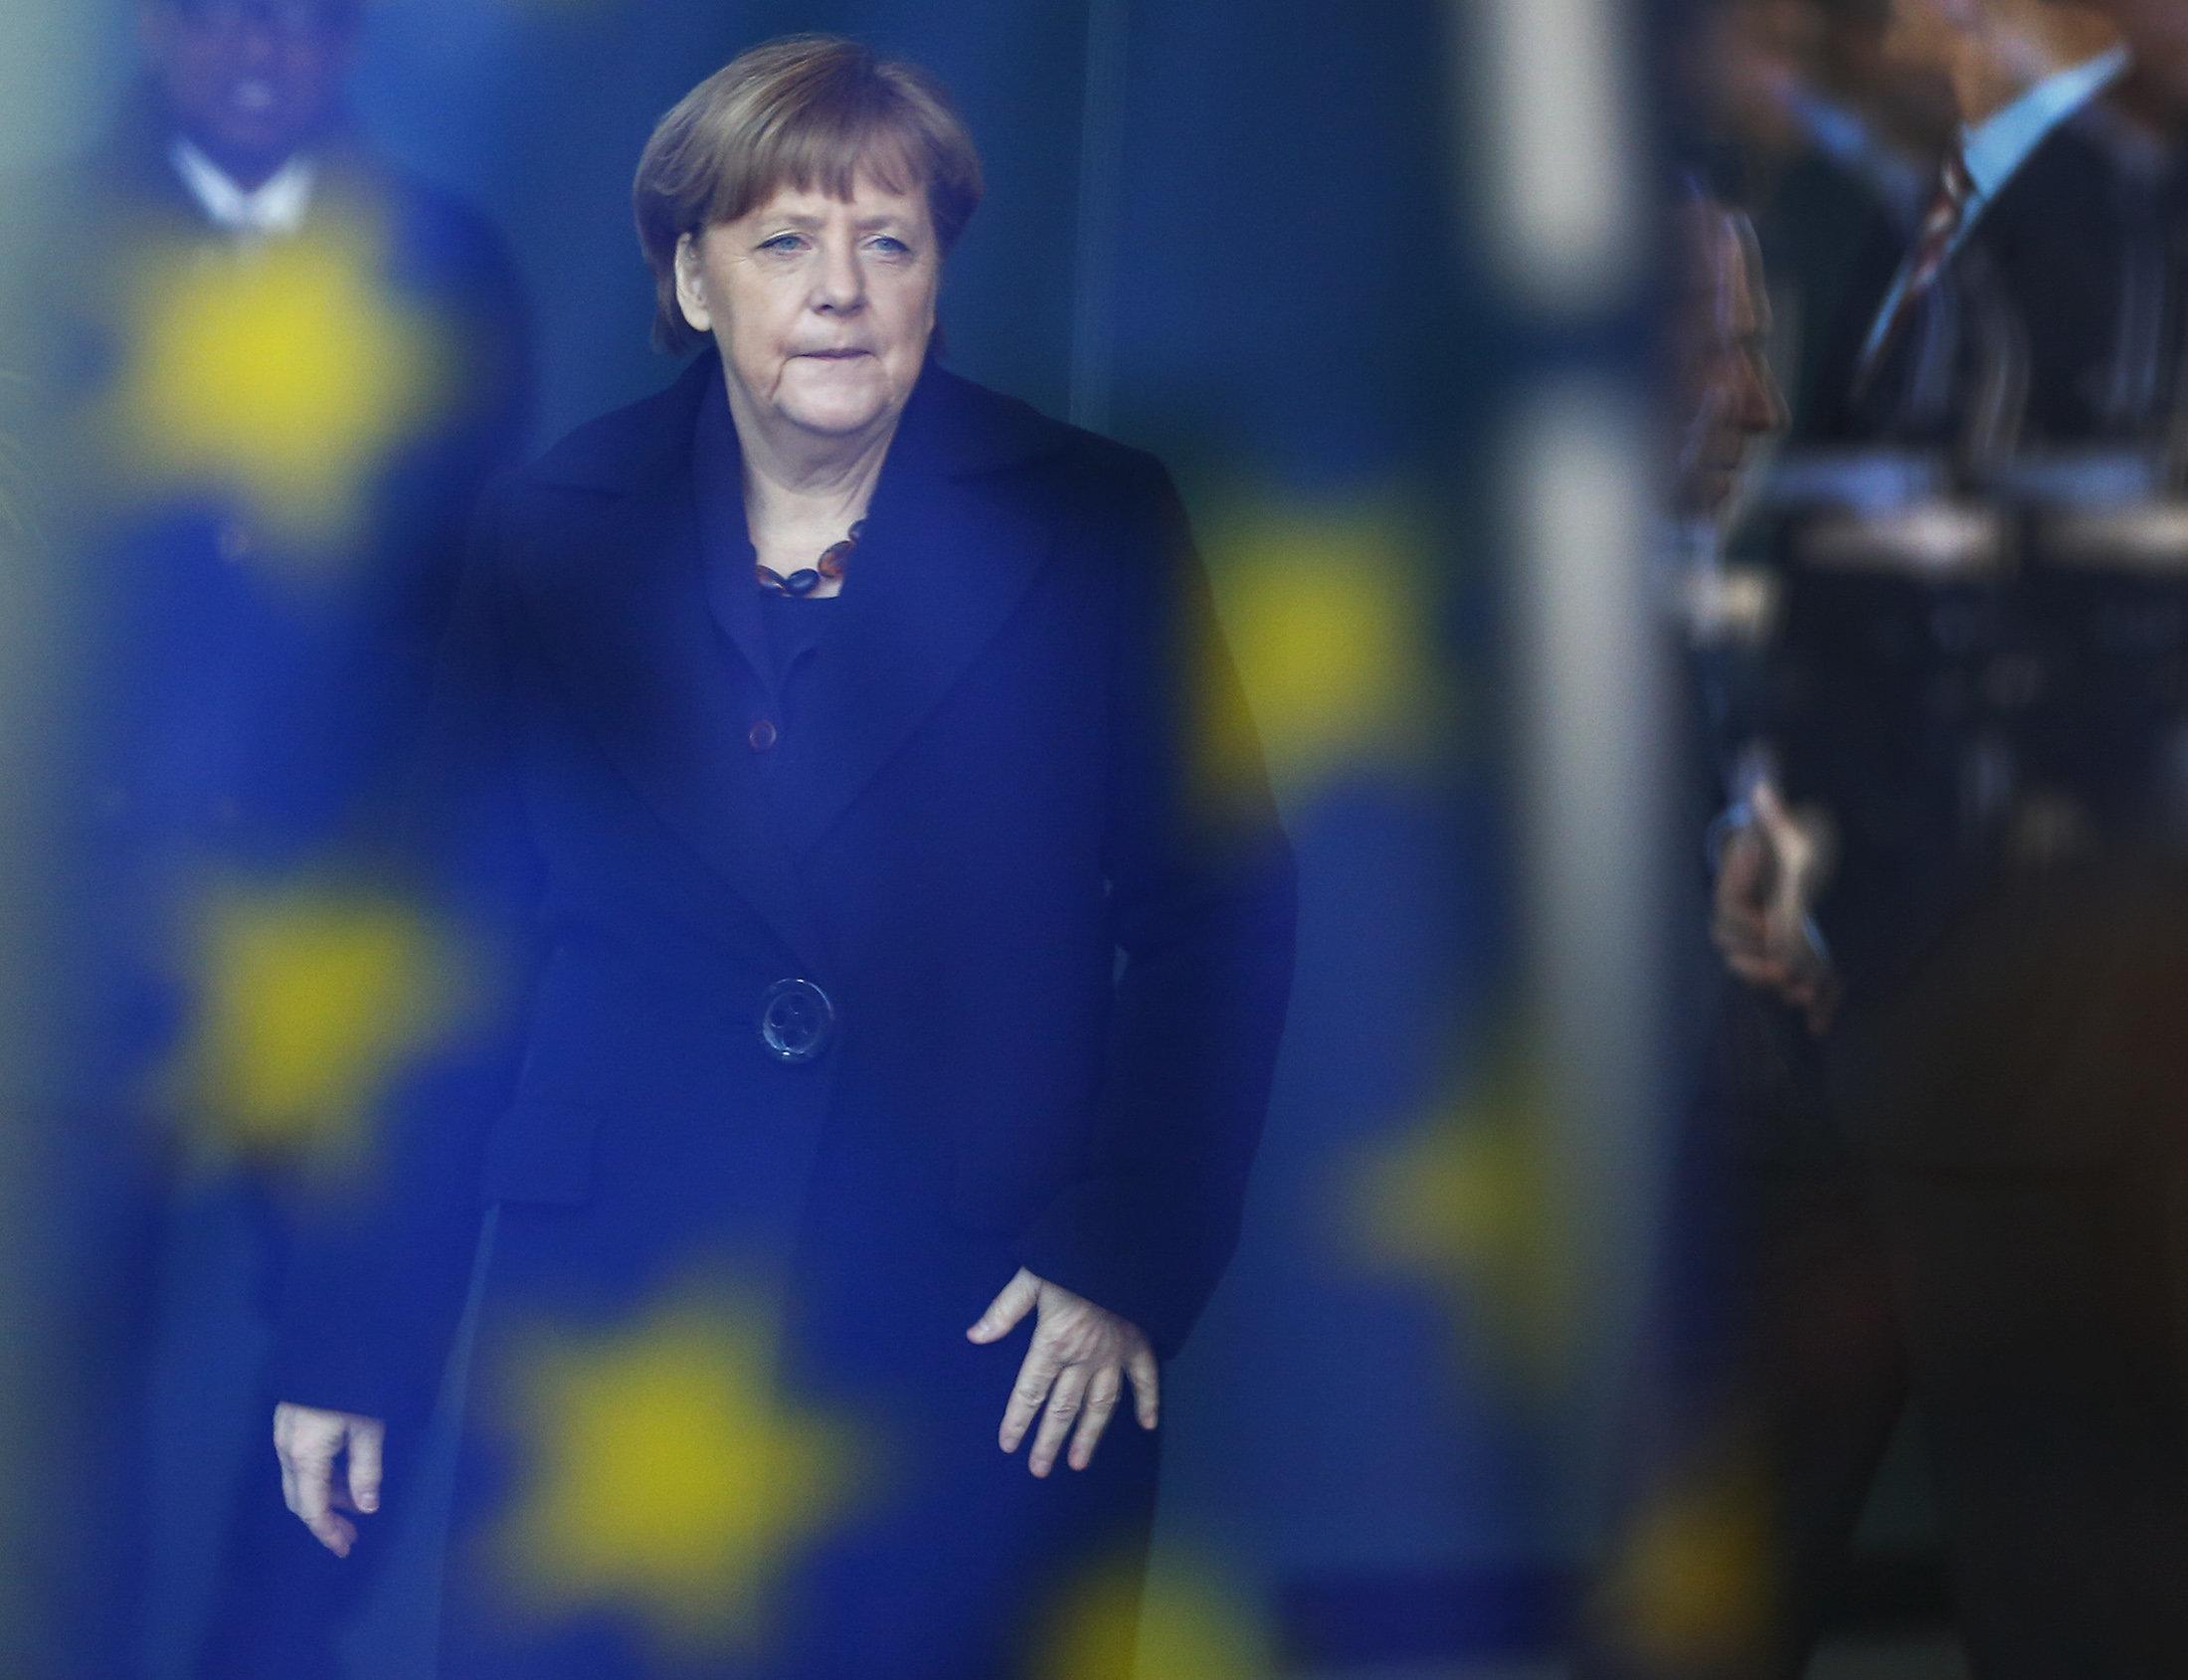 Τι σηματοδοτεί για την Ευρωπαϊκή Ένωση η μετά- Μέρκελ